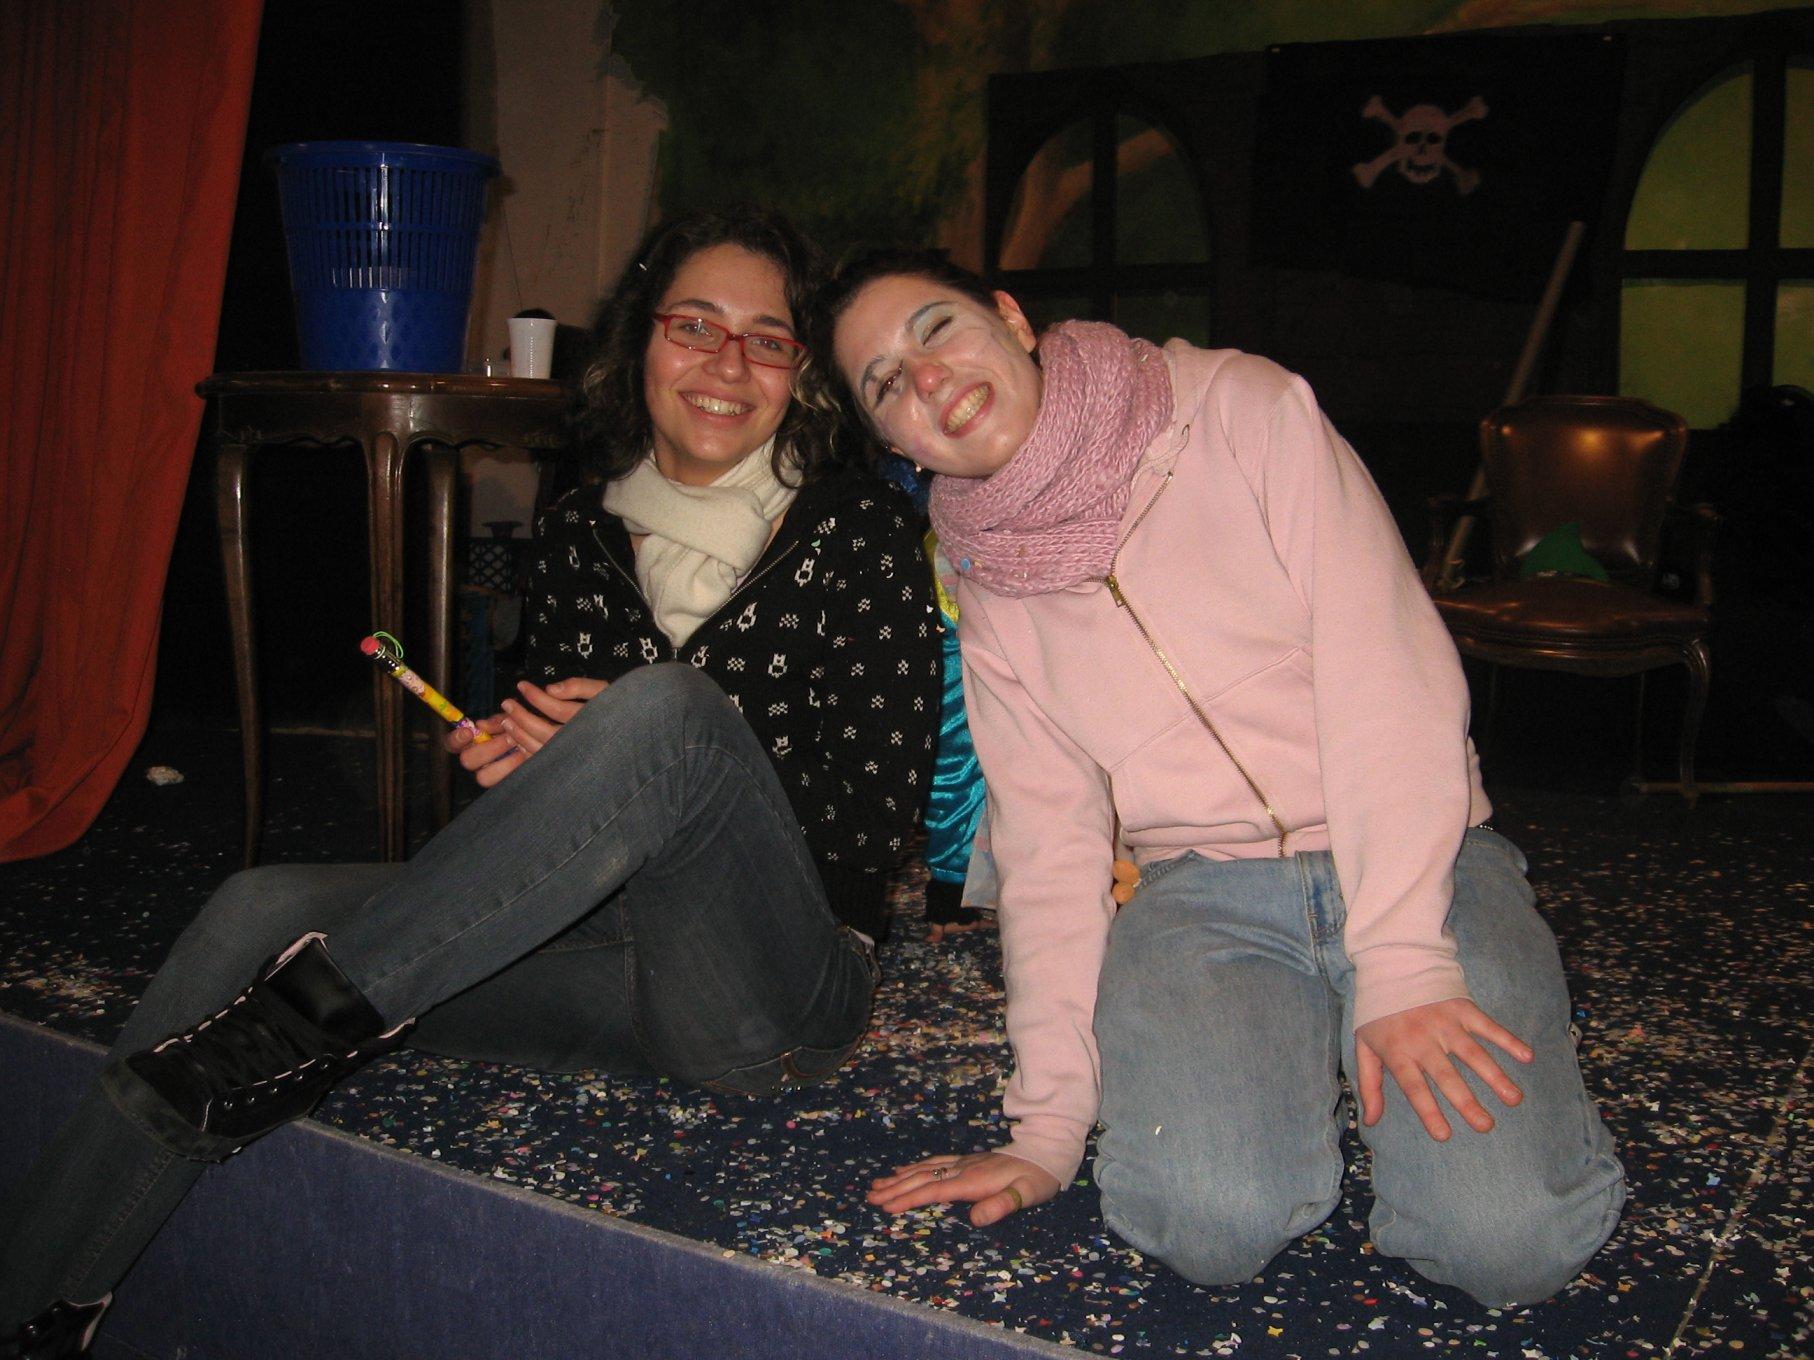 Pentolaccia-2009-02-22--18.18.49.jpg